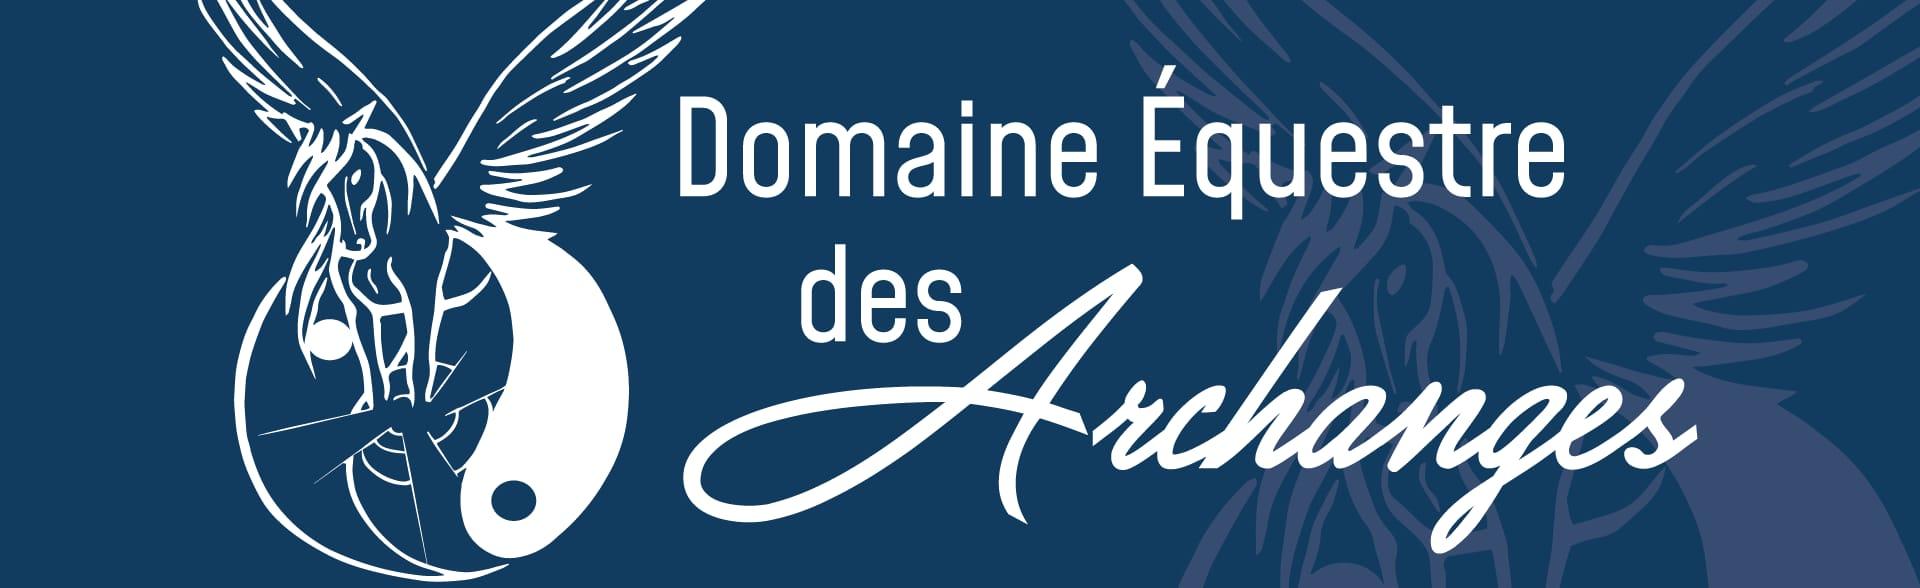 Domaine Equestre des Archanges